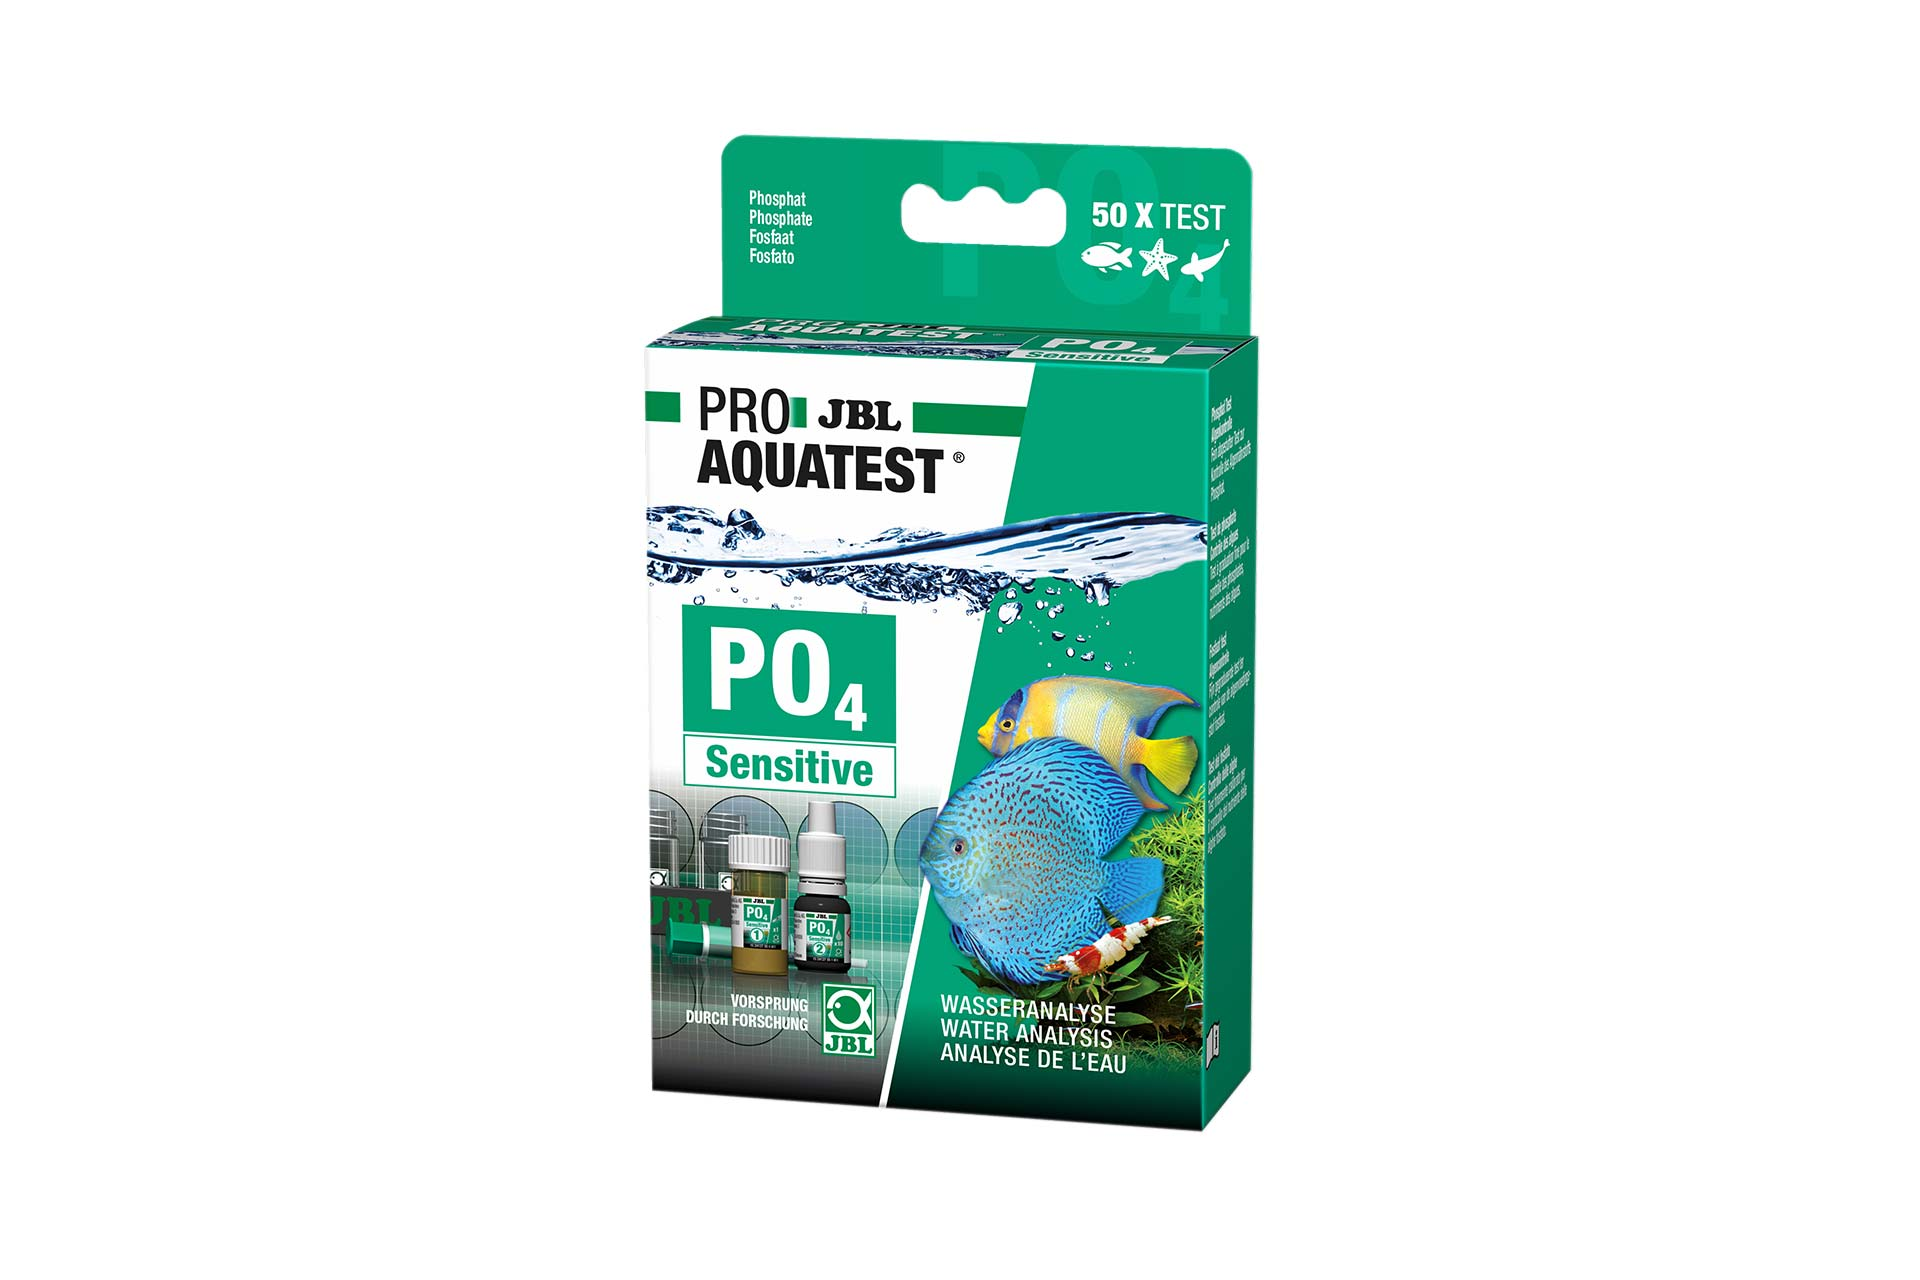 JBL Phosphat Test-Set sensitiv (PO4)